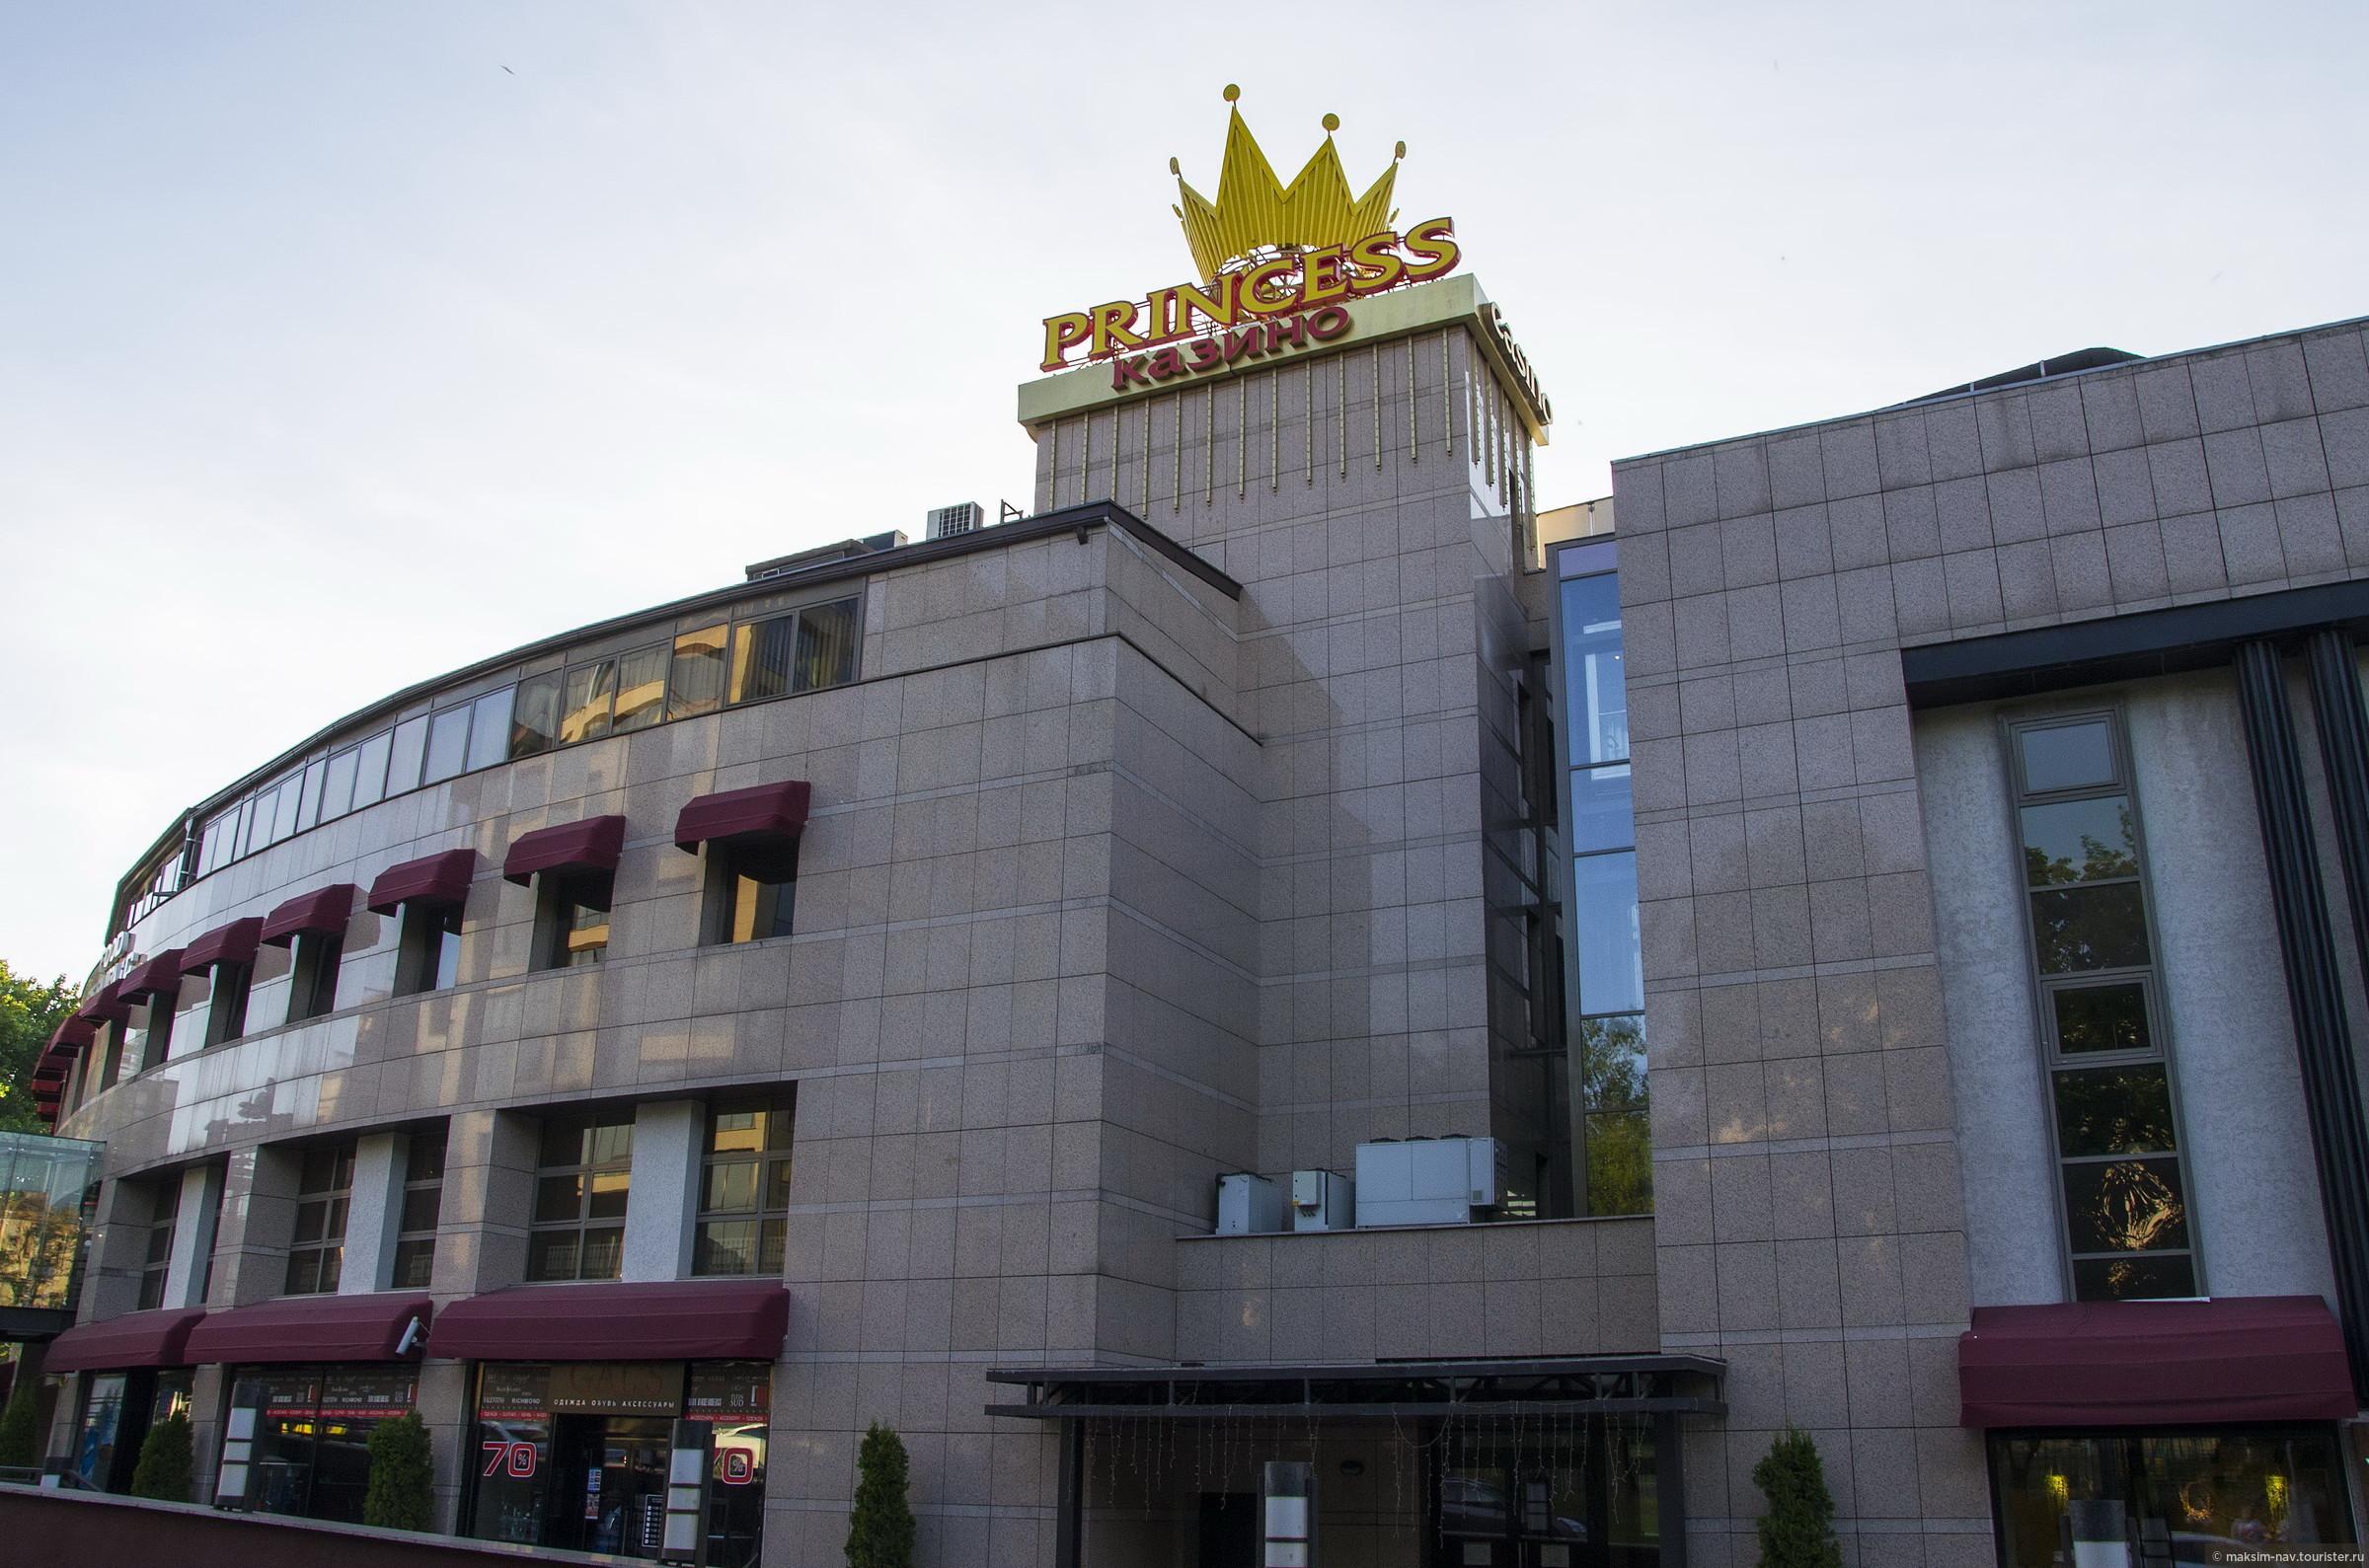 Уже не привычно видеть в городе казино., Один день в Минске.